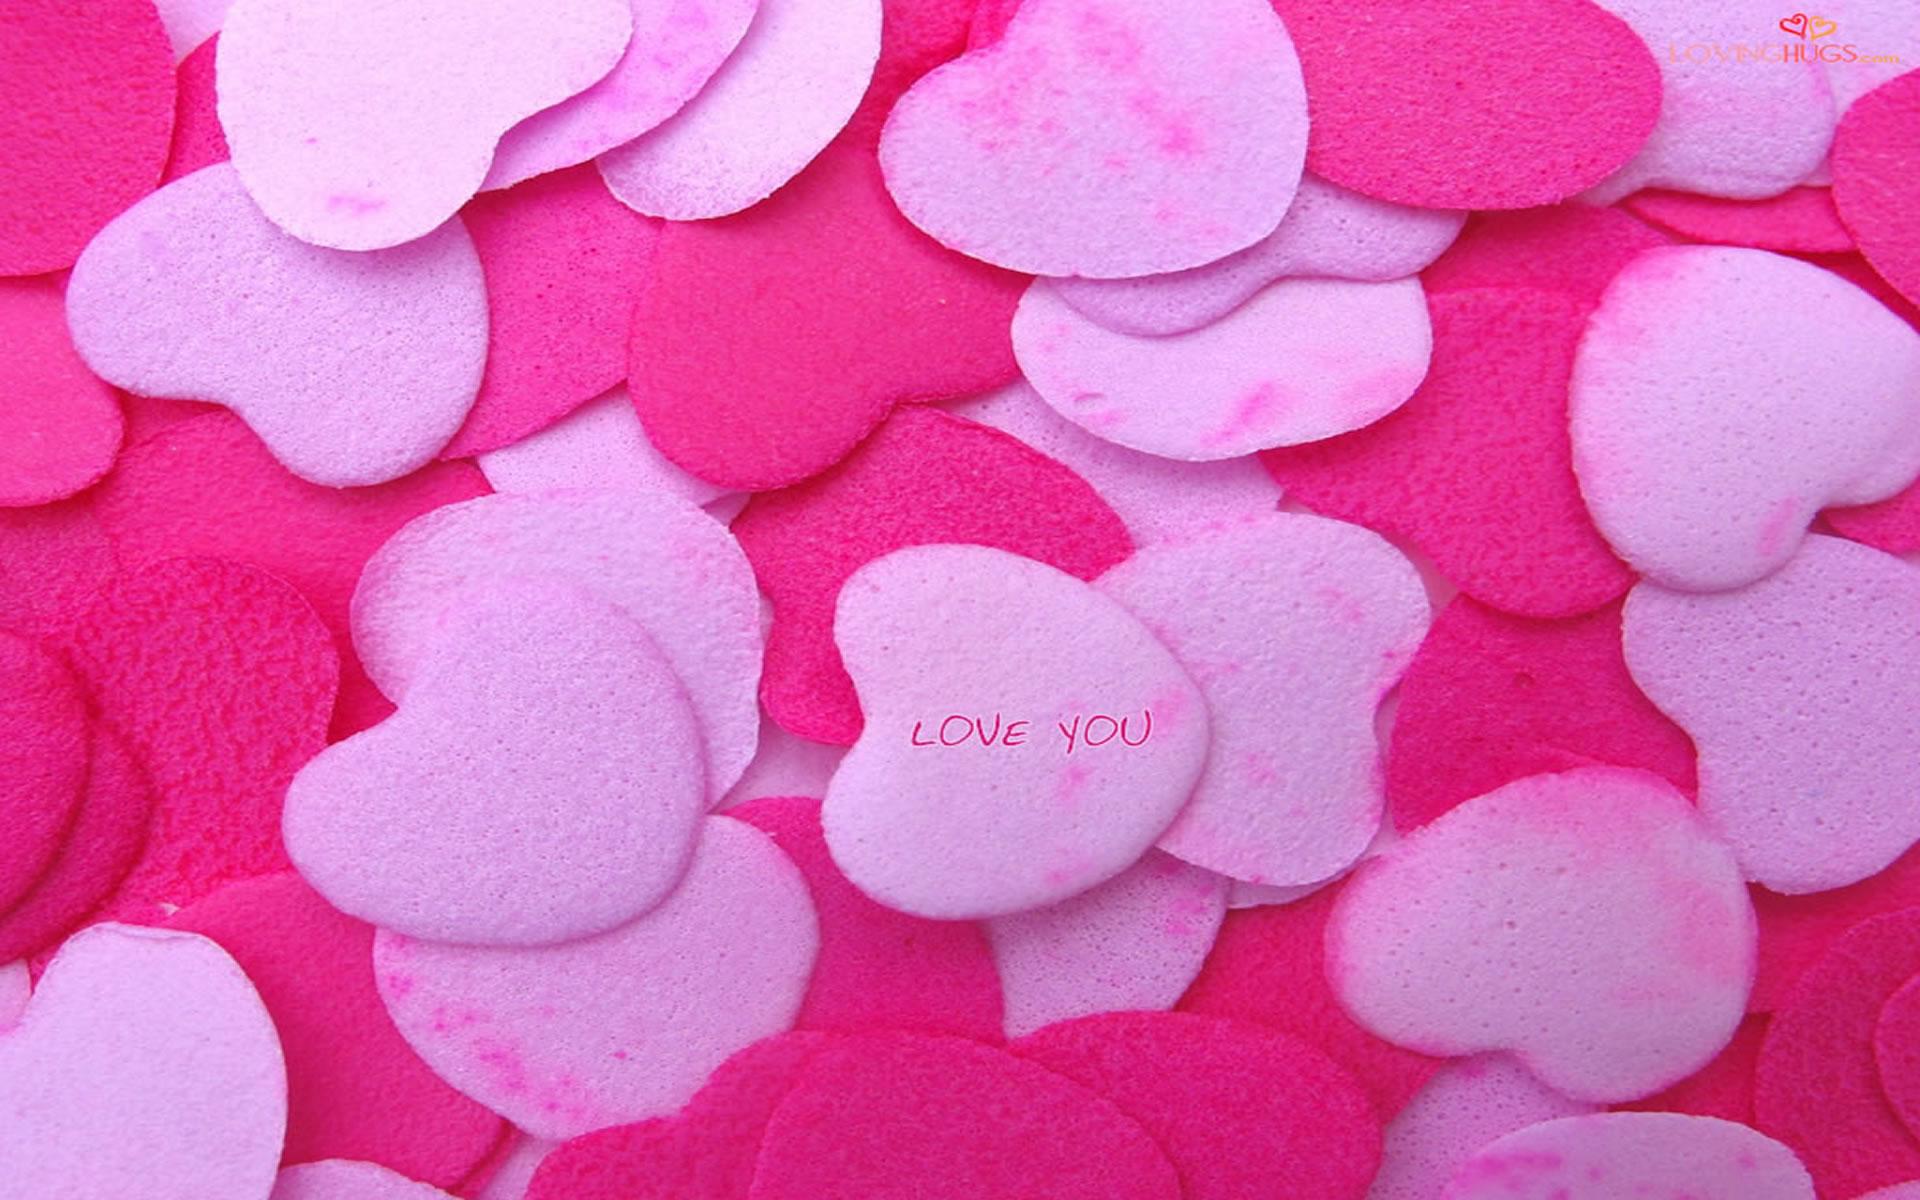 Corazones para enamorados - Wallpapers